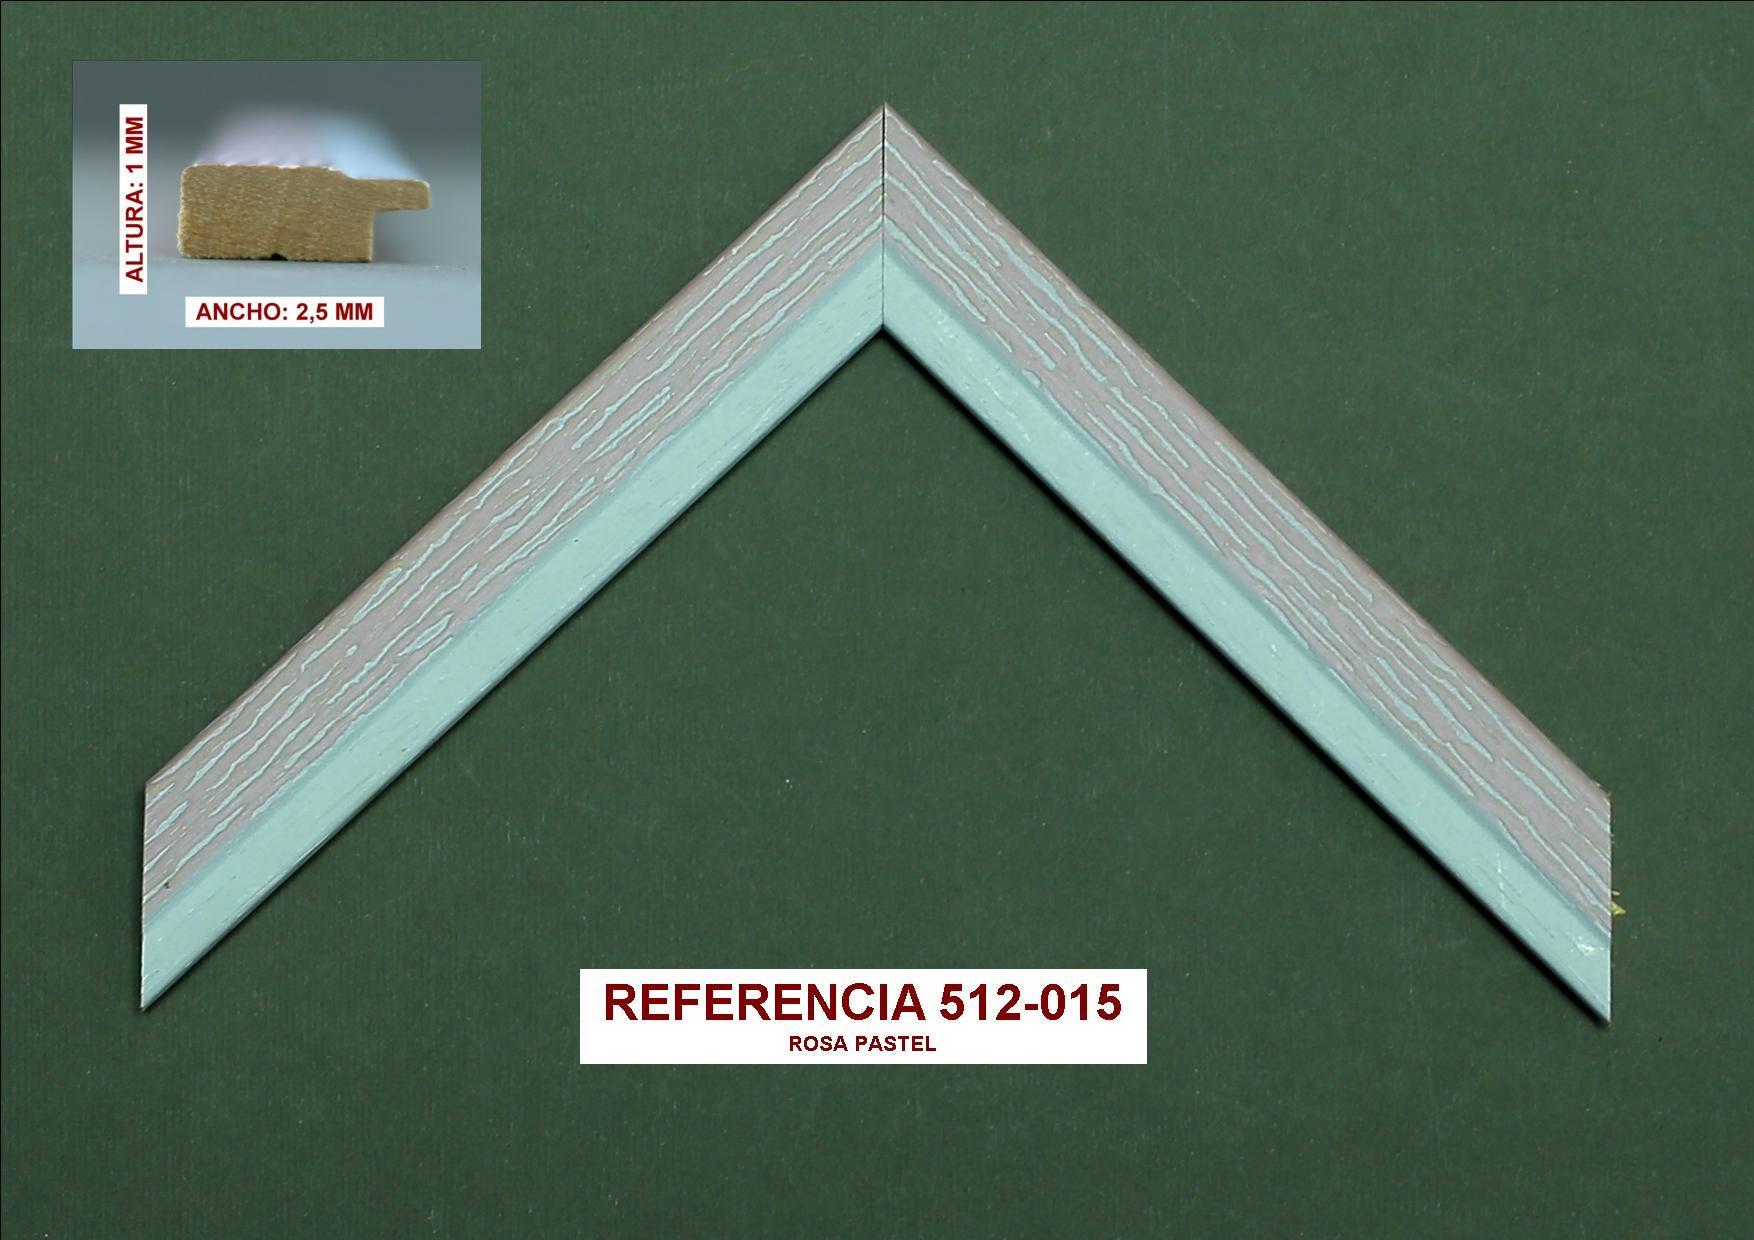 Referencia 512-015: Muestrario de Moldusevilla